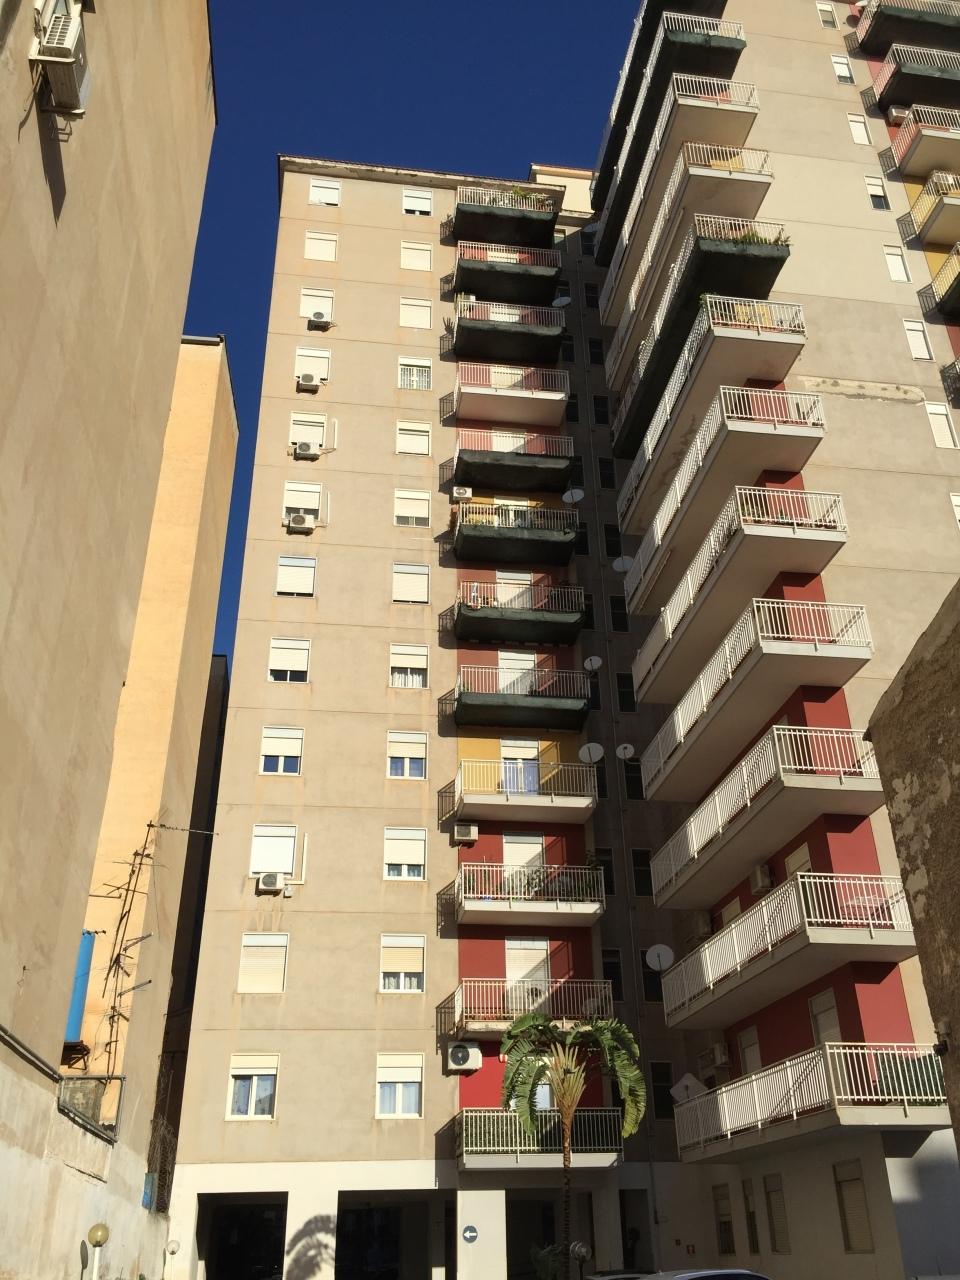 palermo affitto quart: calatafimi errebicasa-immobiliare-rossella-borzellieri-di-rosalia-borzellieri